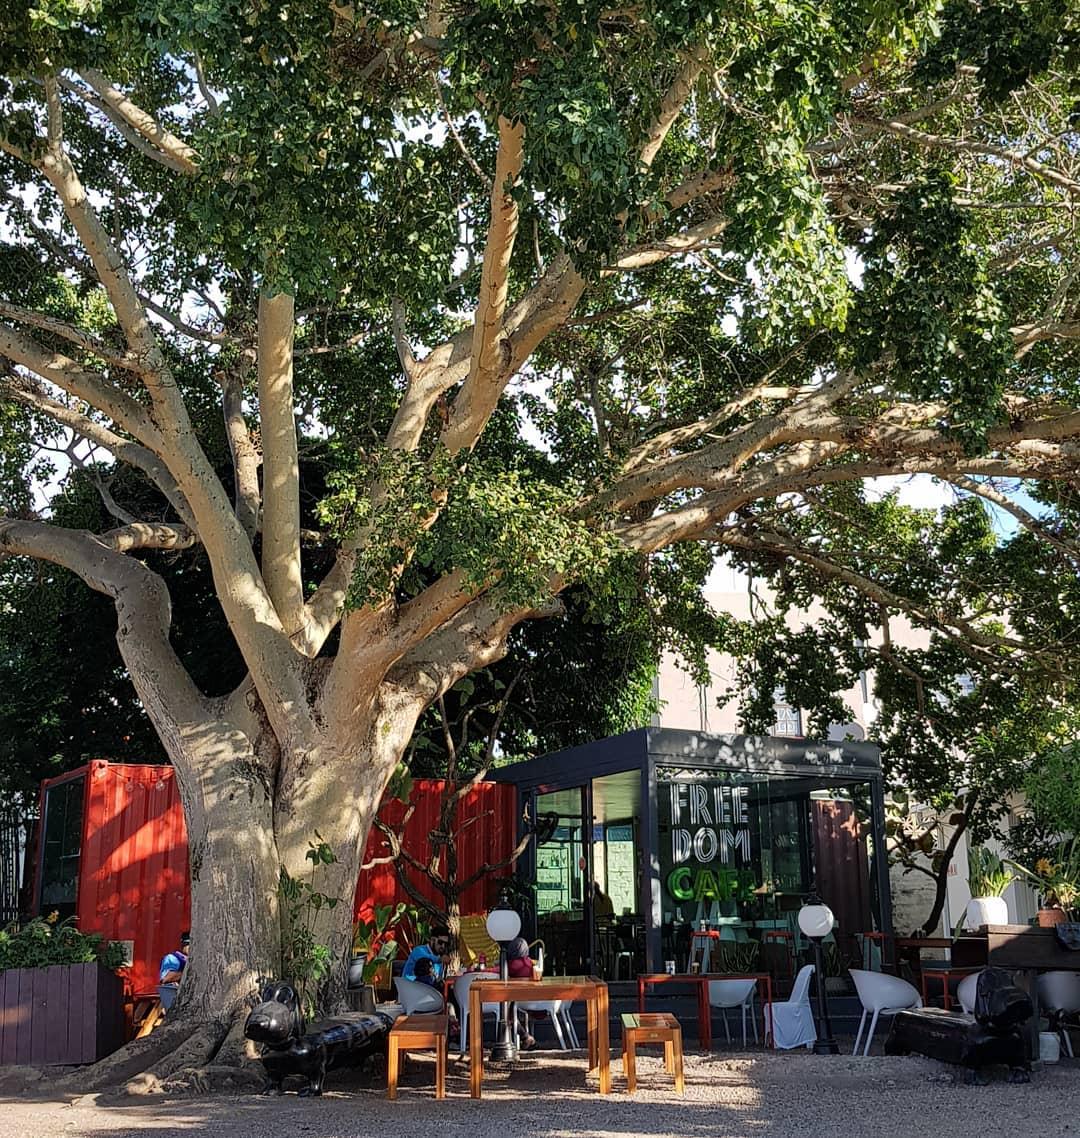 Freedom Café Instagram-worthy cafe in Durban